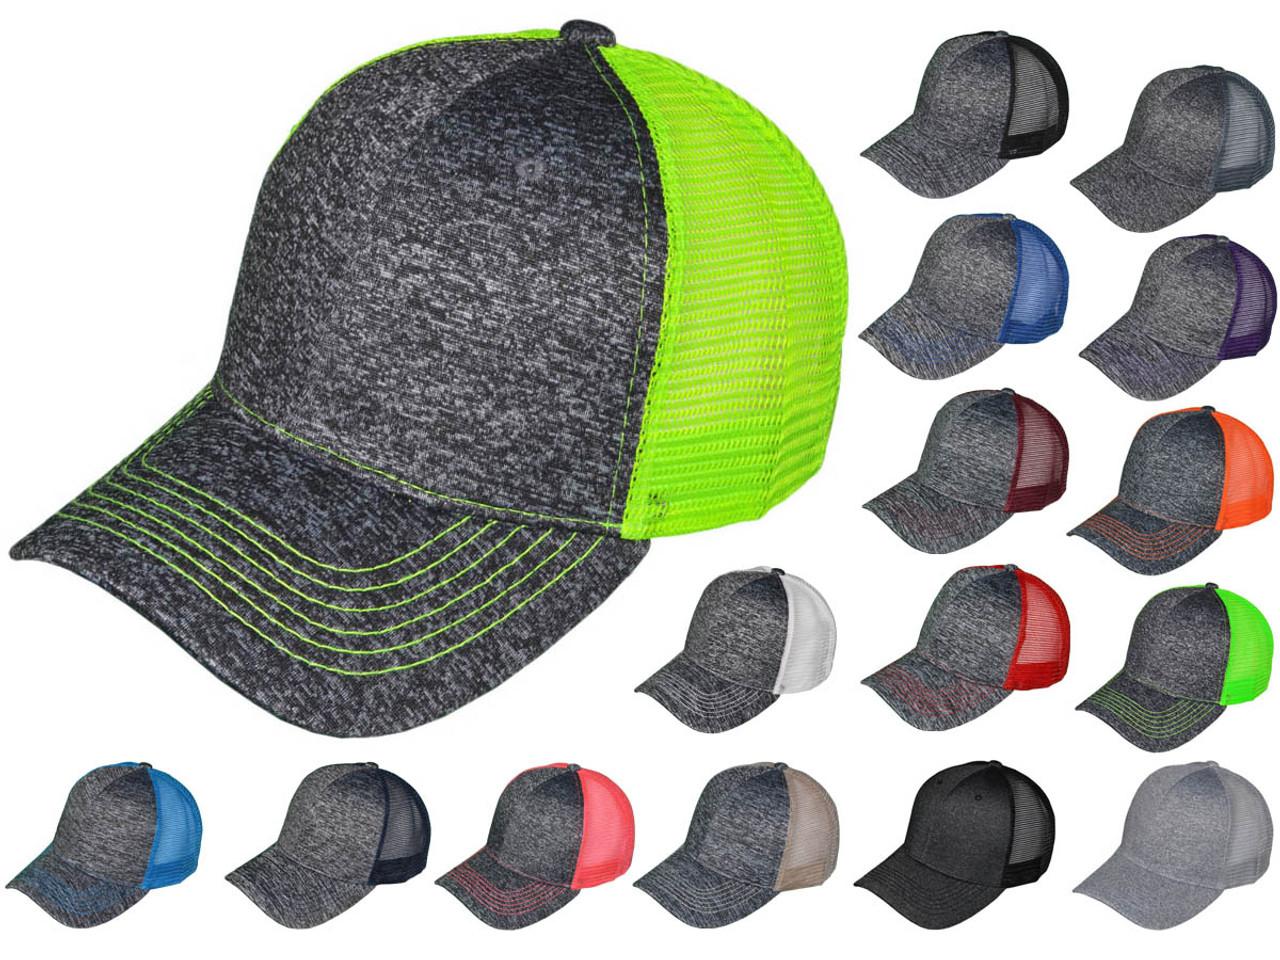 e9870c0b2 Melange Trucker Hats - Structured Mesh 2 Tone BK Caps (16 Colors Available)  - 5215